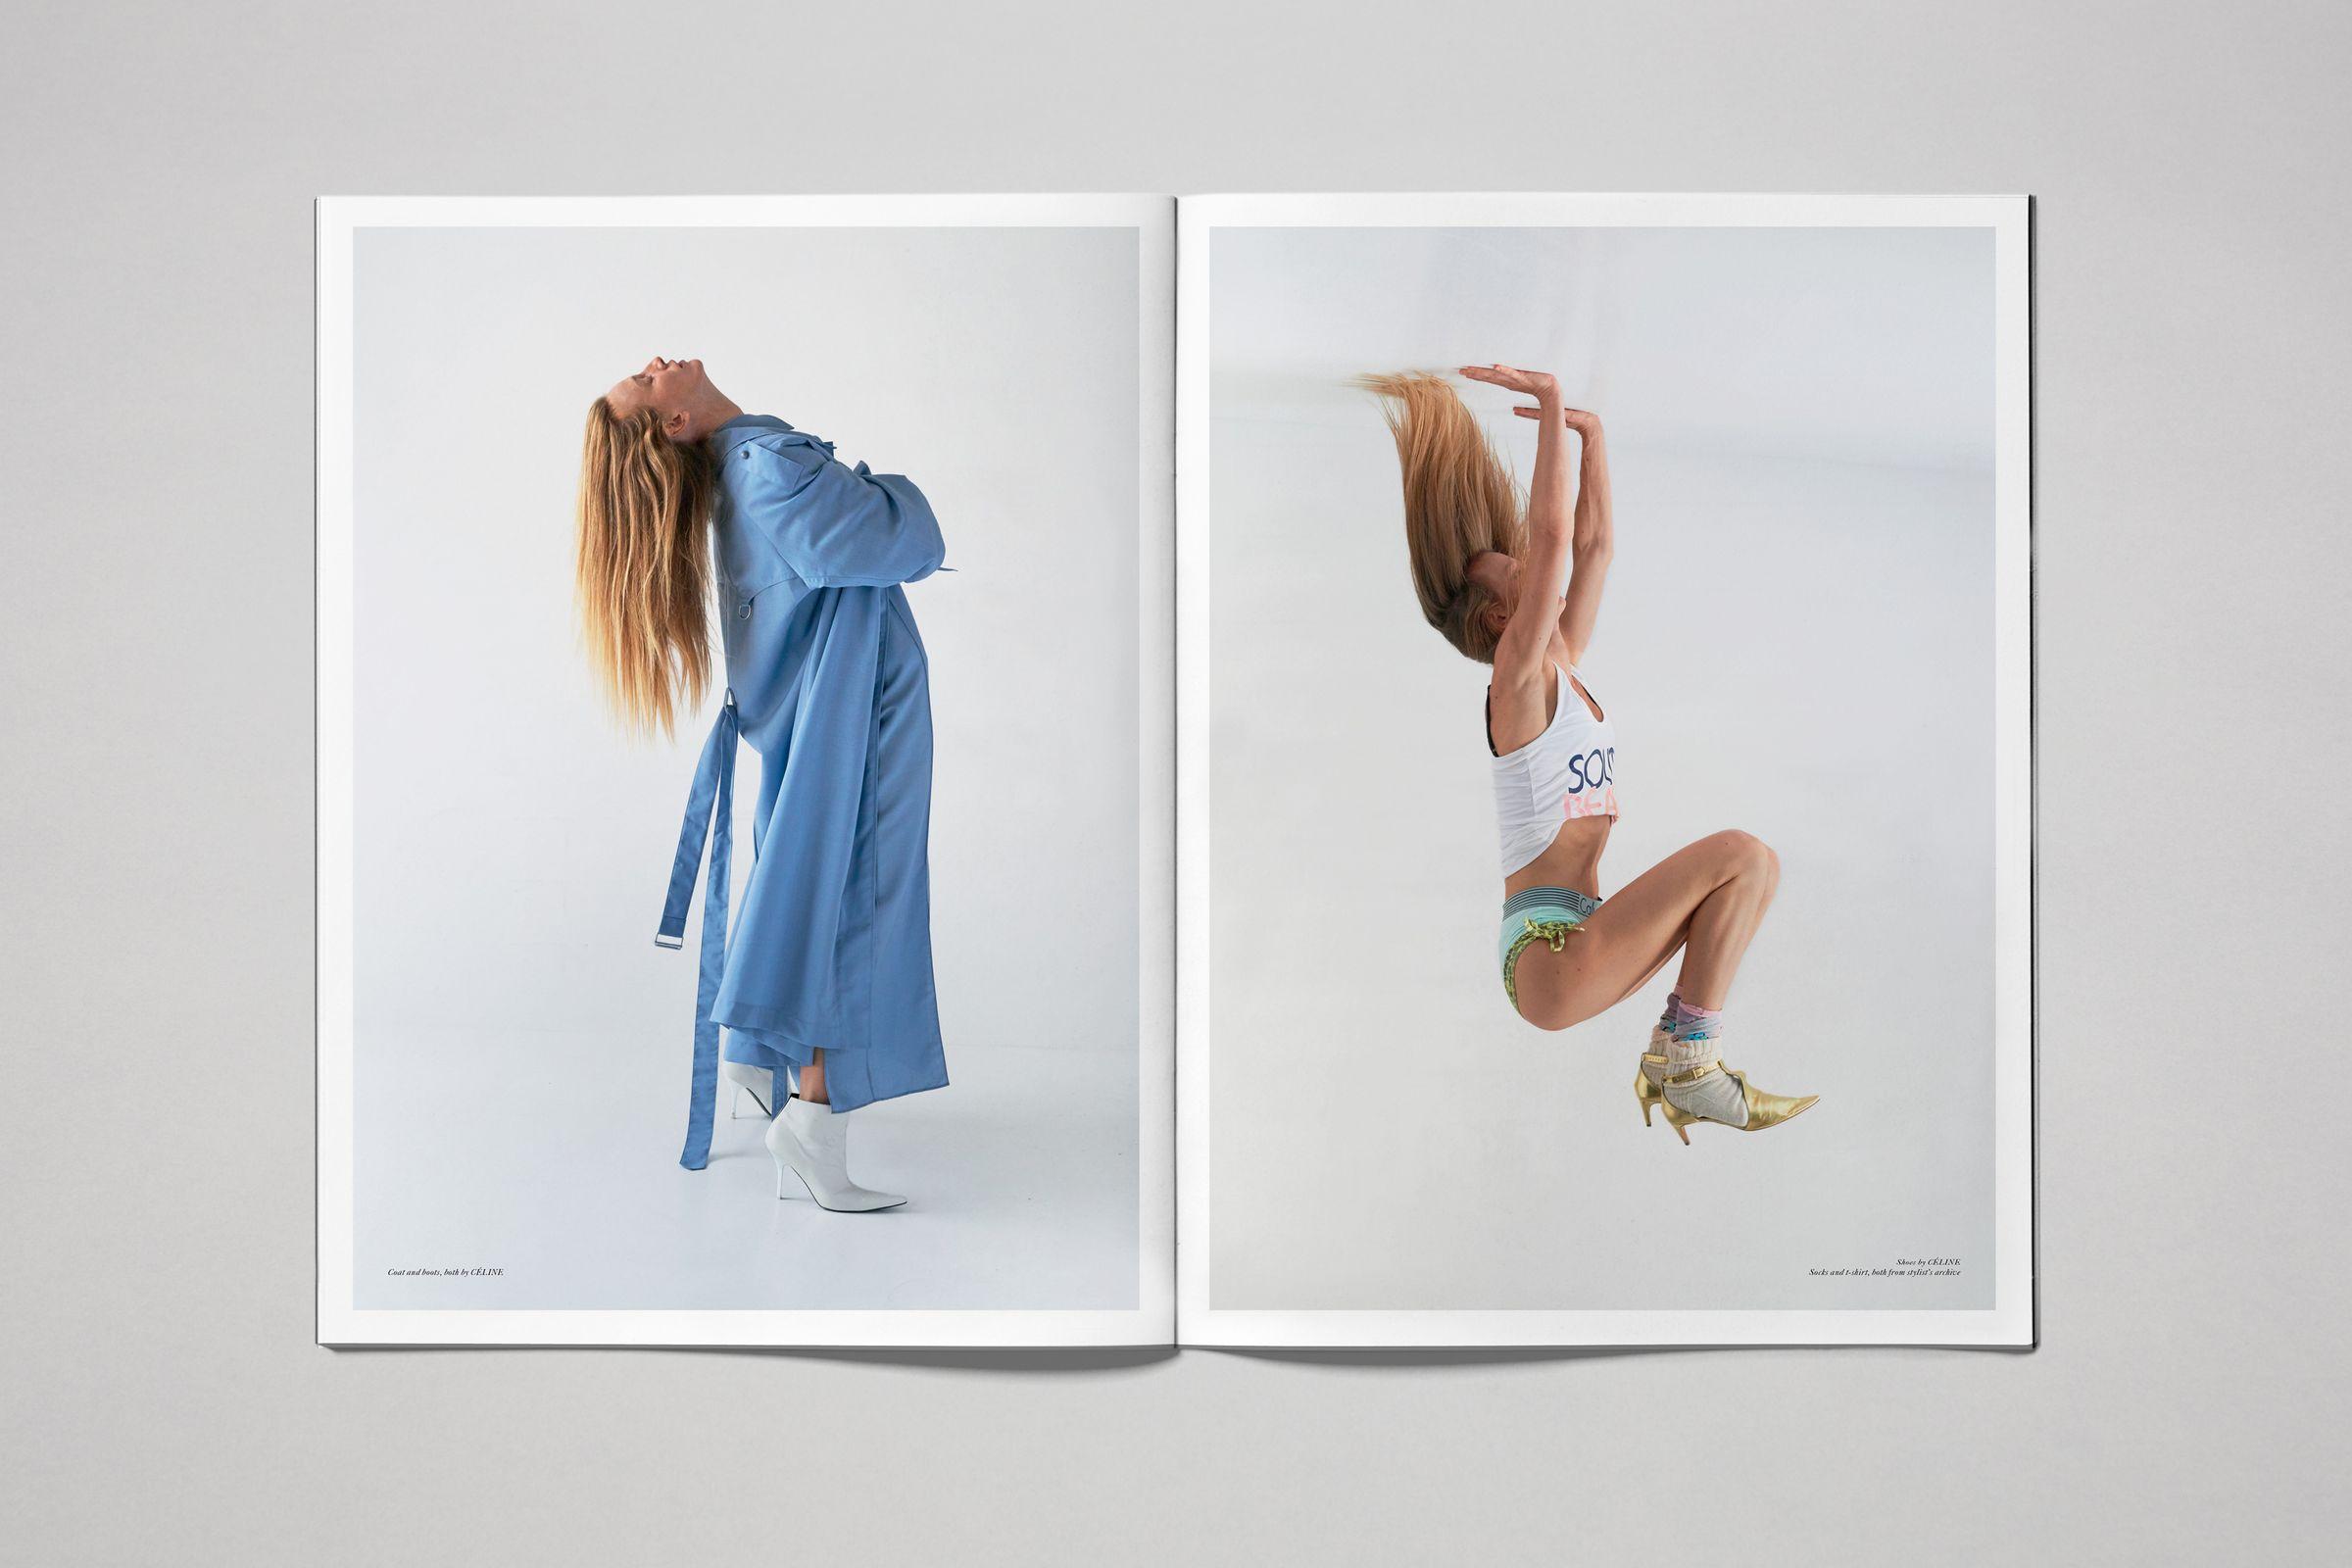 Rika Magazine issue no. 16 spread design